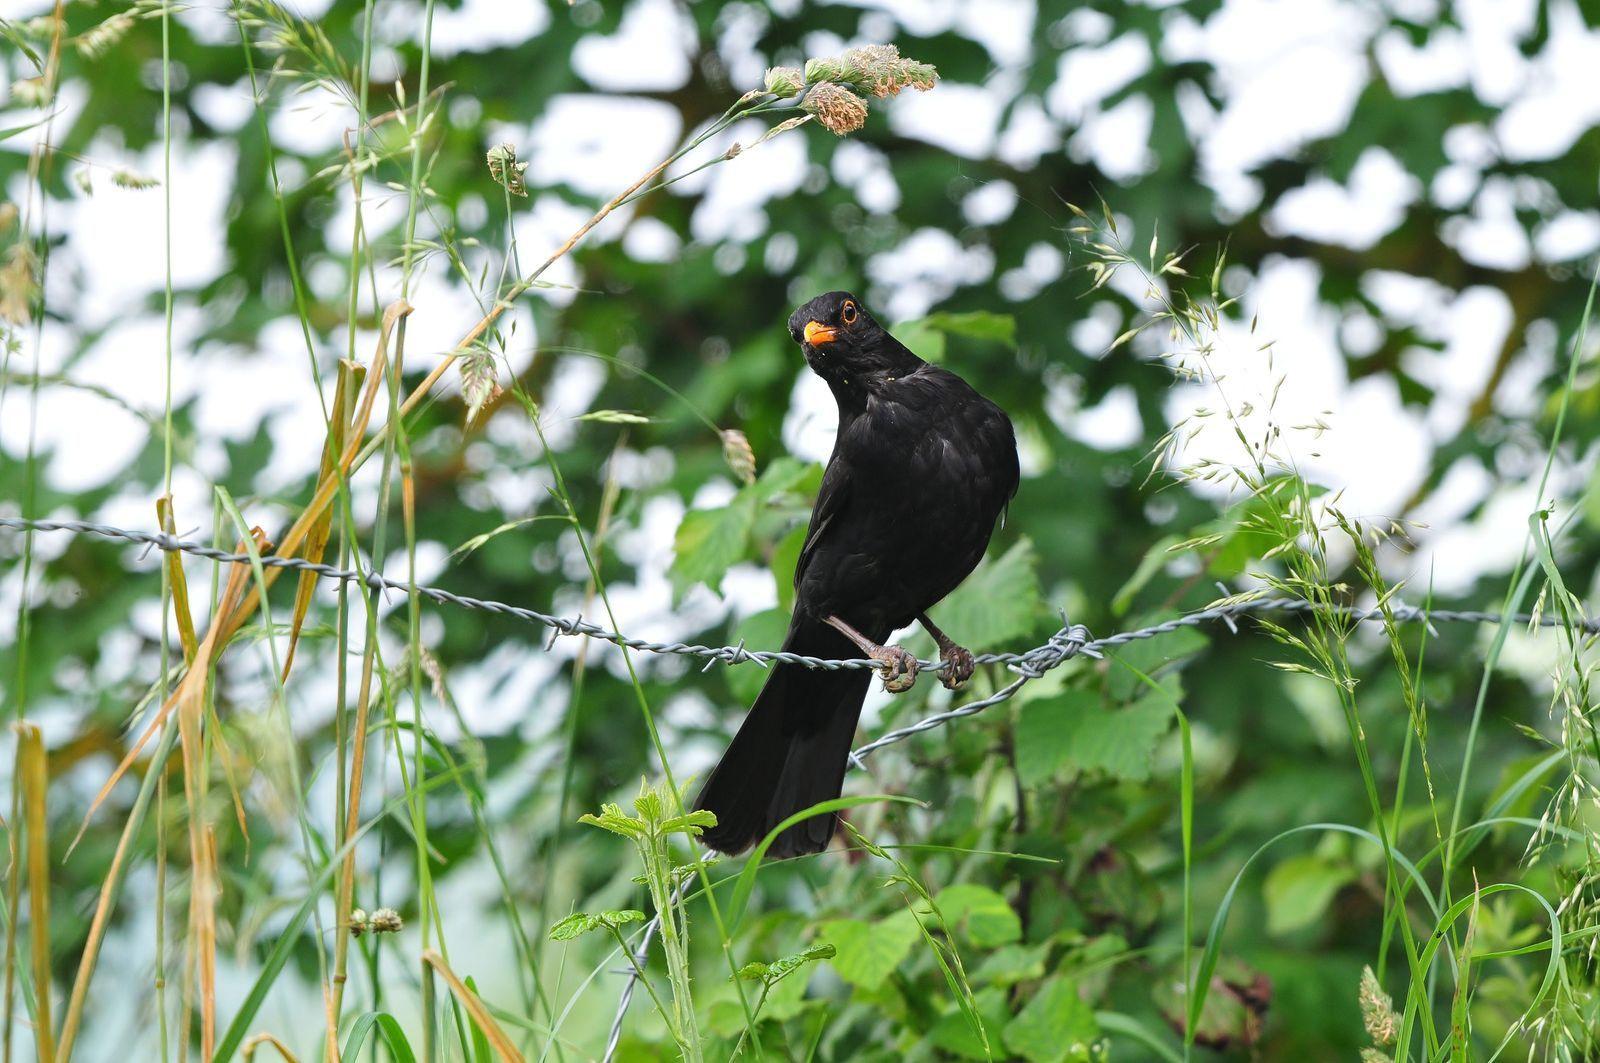 Merle noir (Turdus merula).